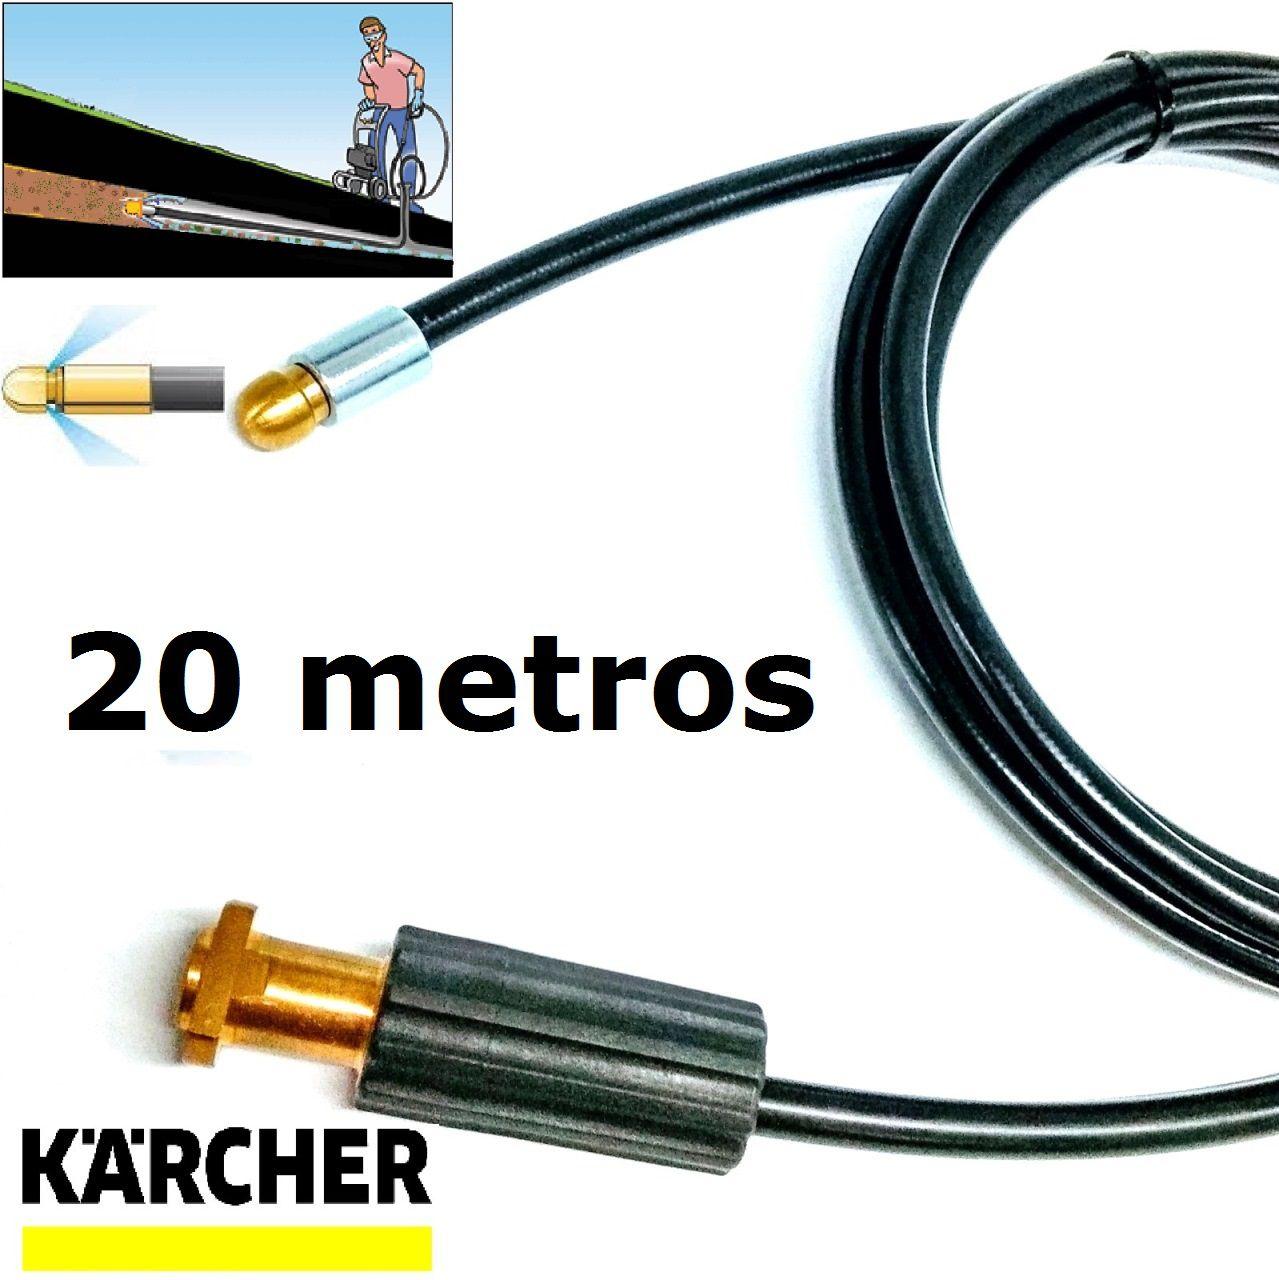 Mangueira desentupidora de tubulação para Karcher 20 Metros - k1 , k2 , k3 , k4 , k5